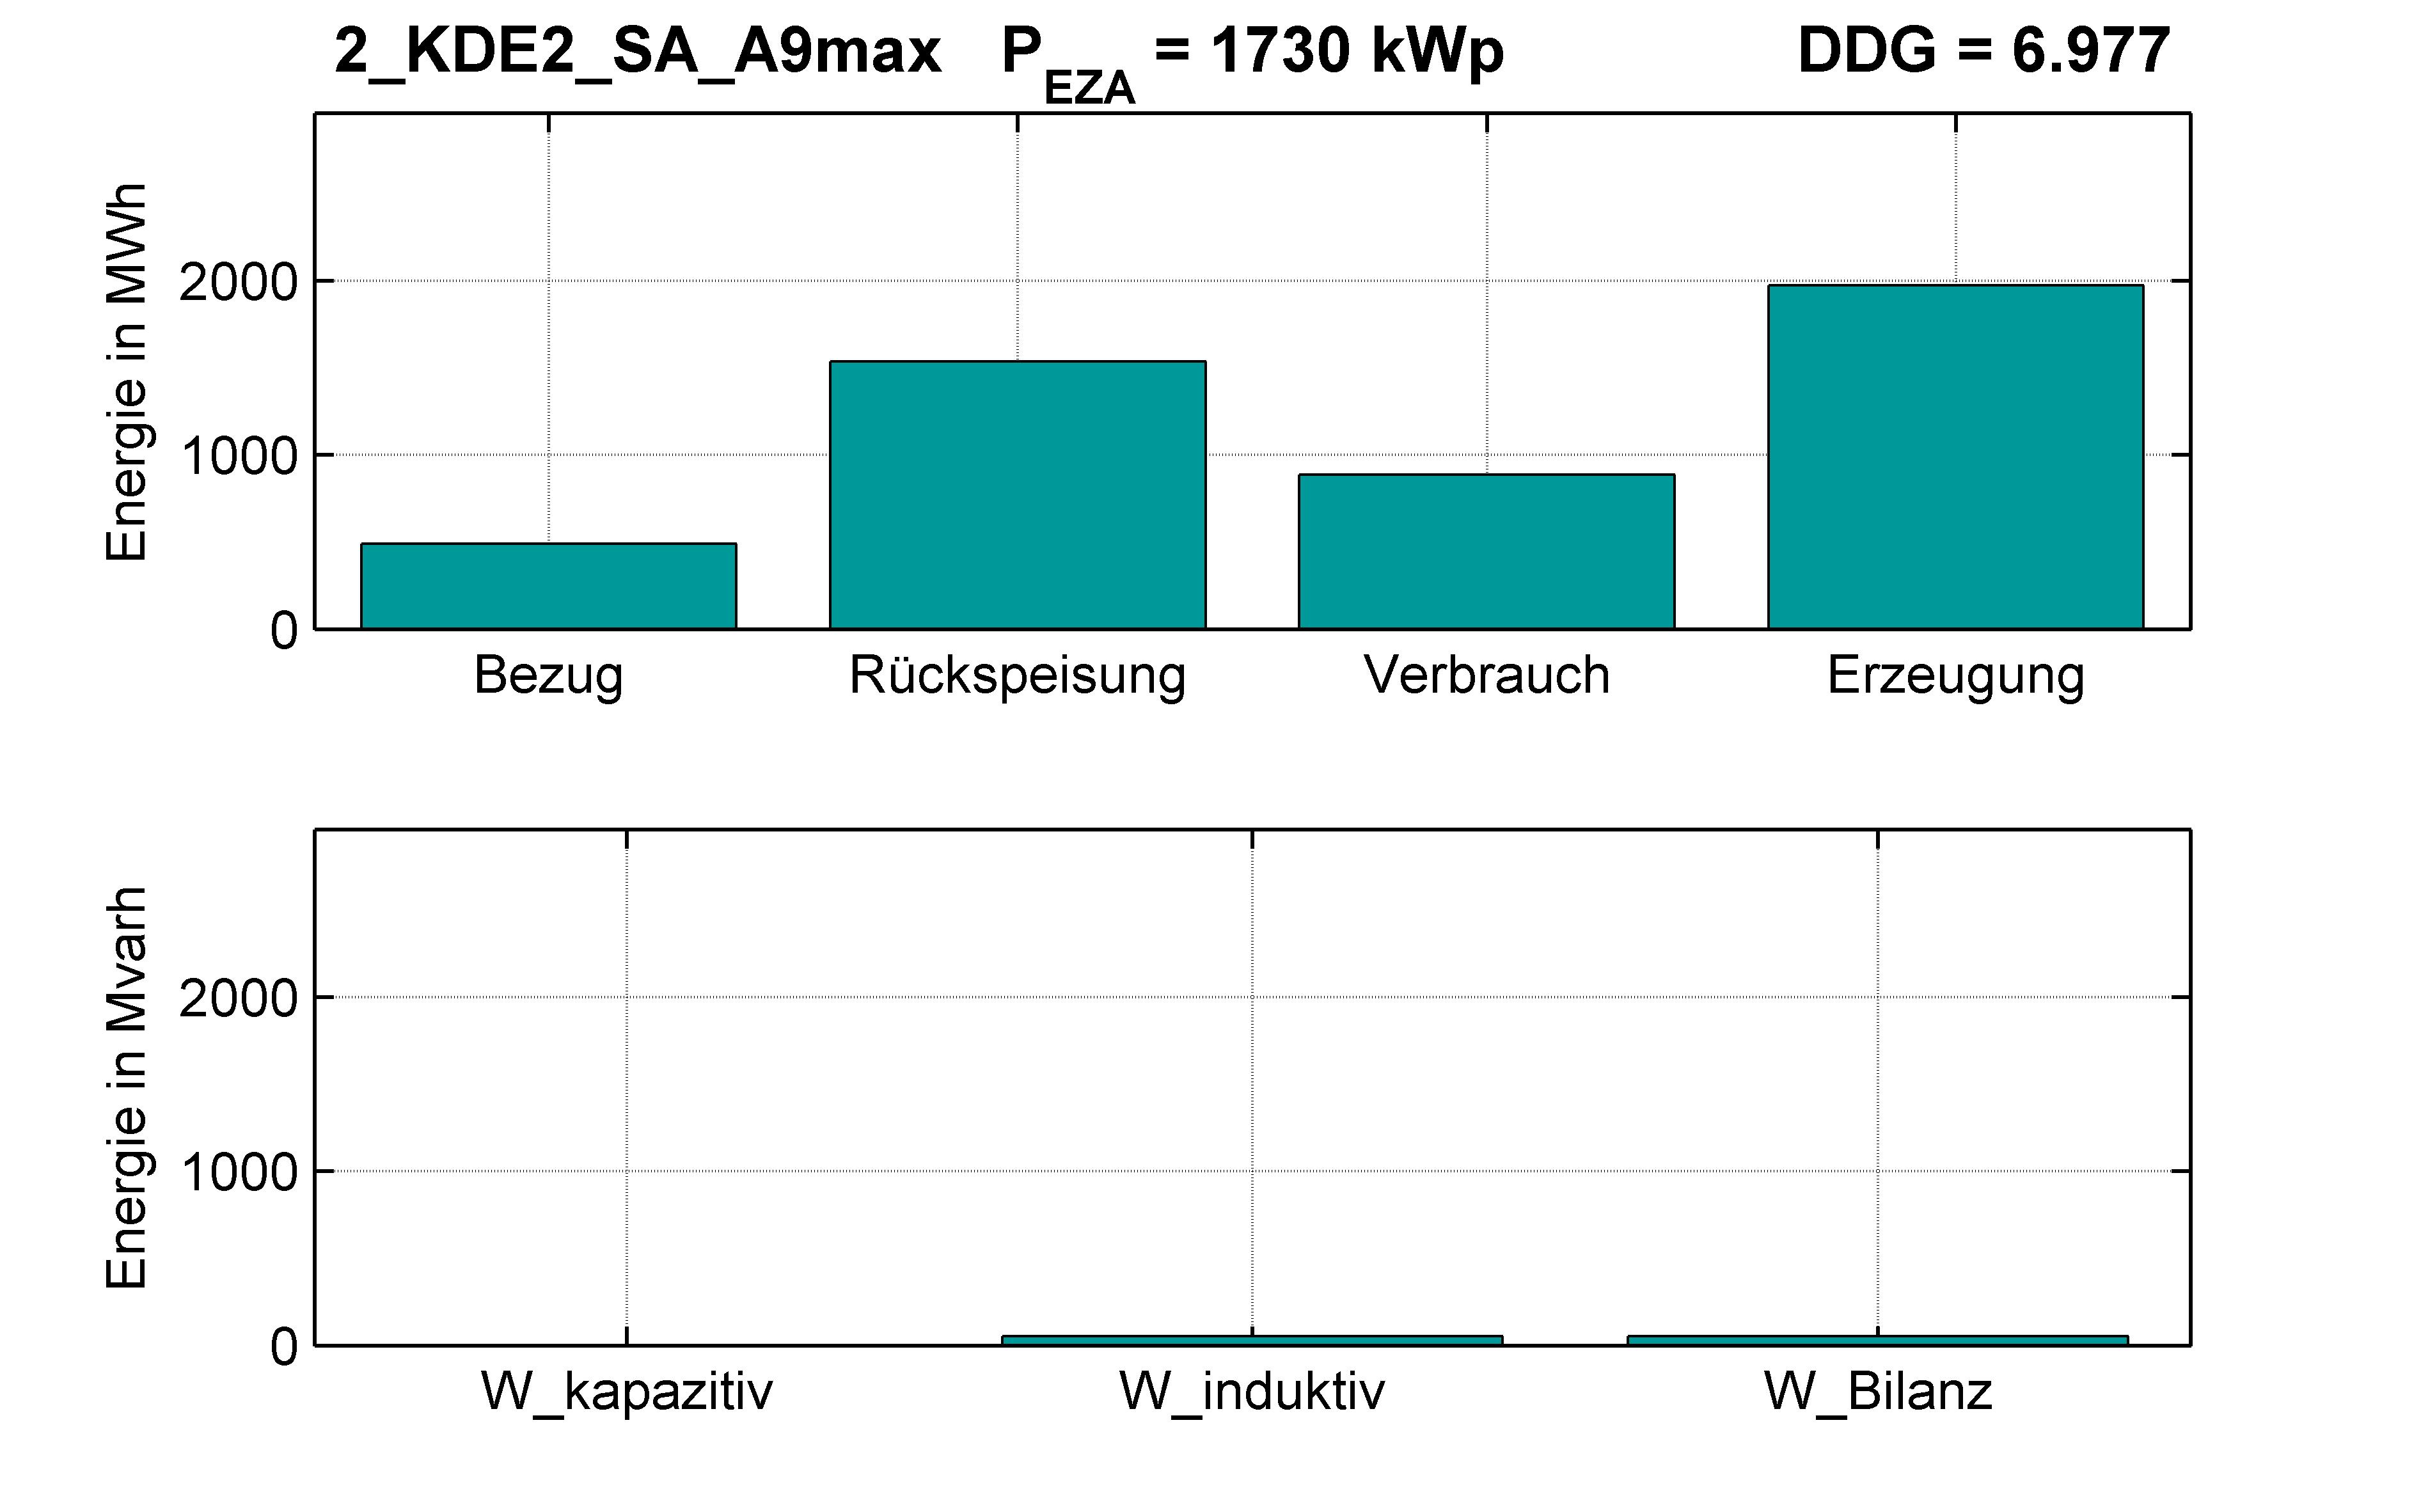 KDE2 | P-Kappung 85% (SA) A9max | PQ-Bilanz